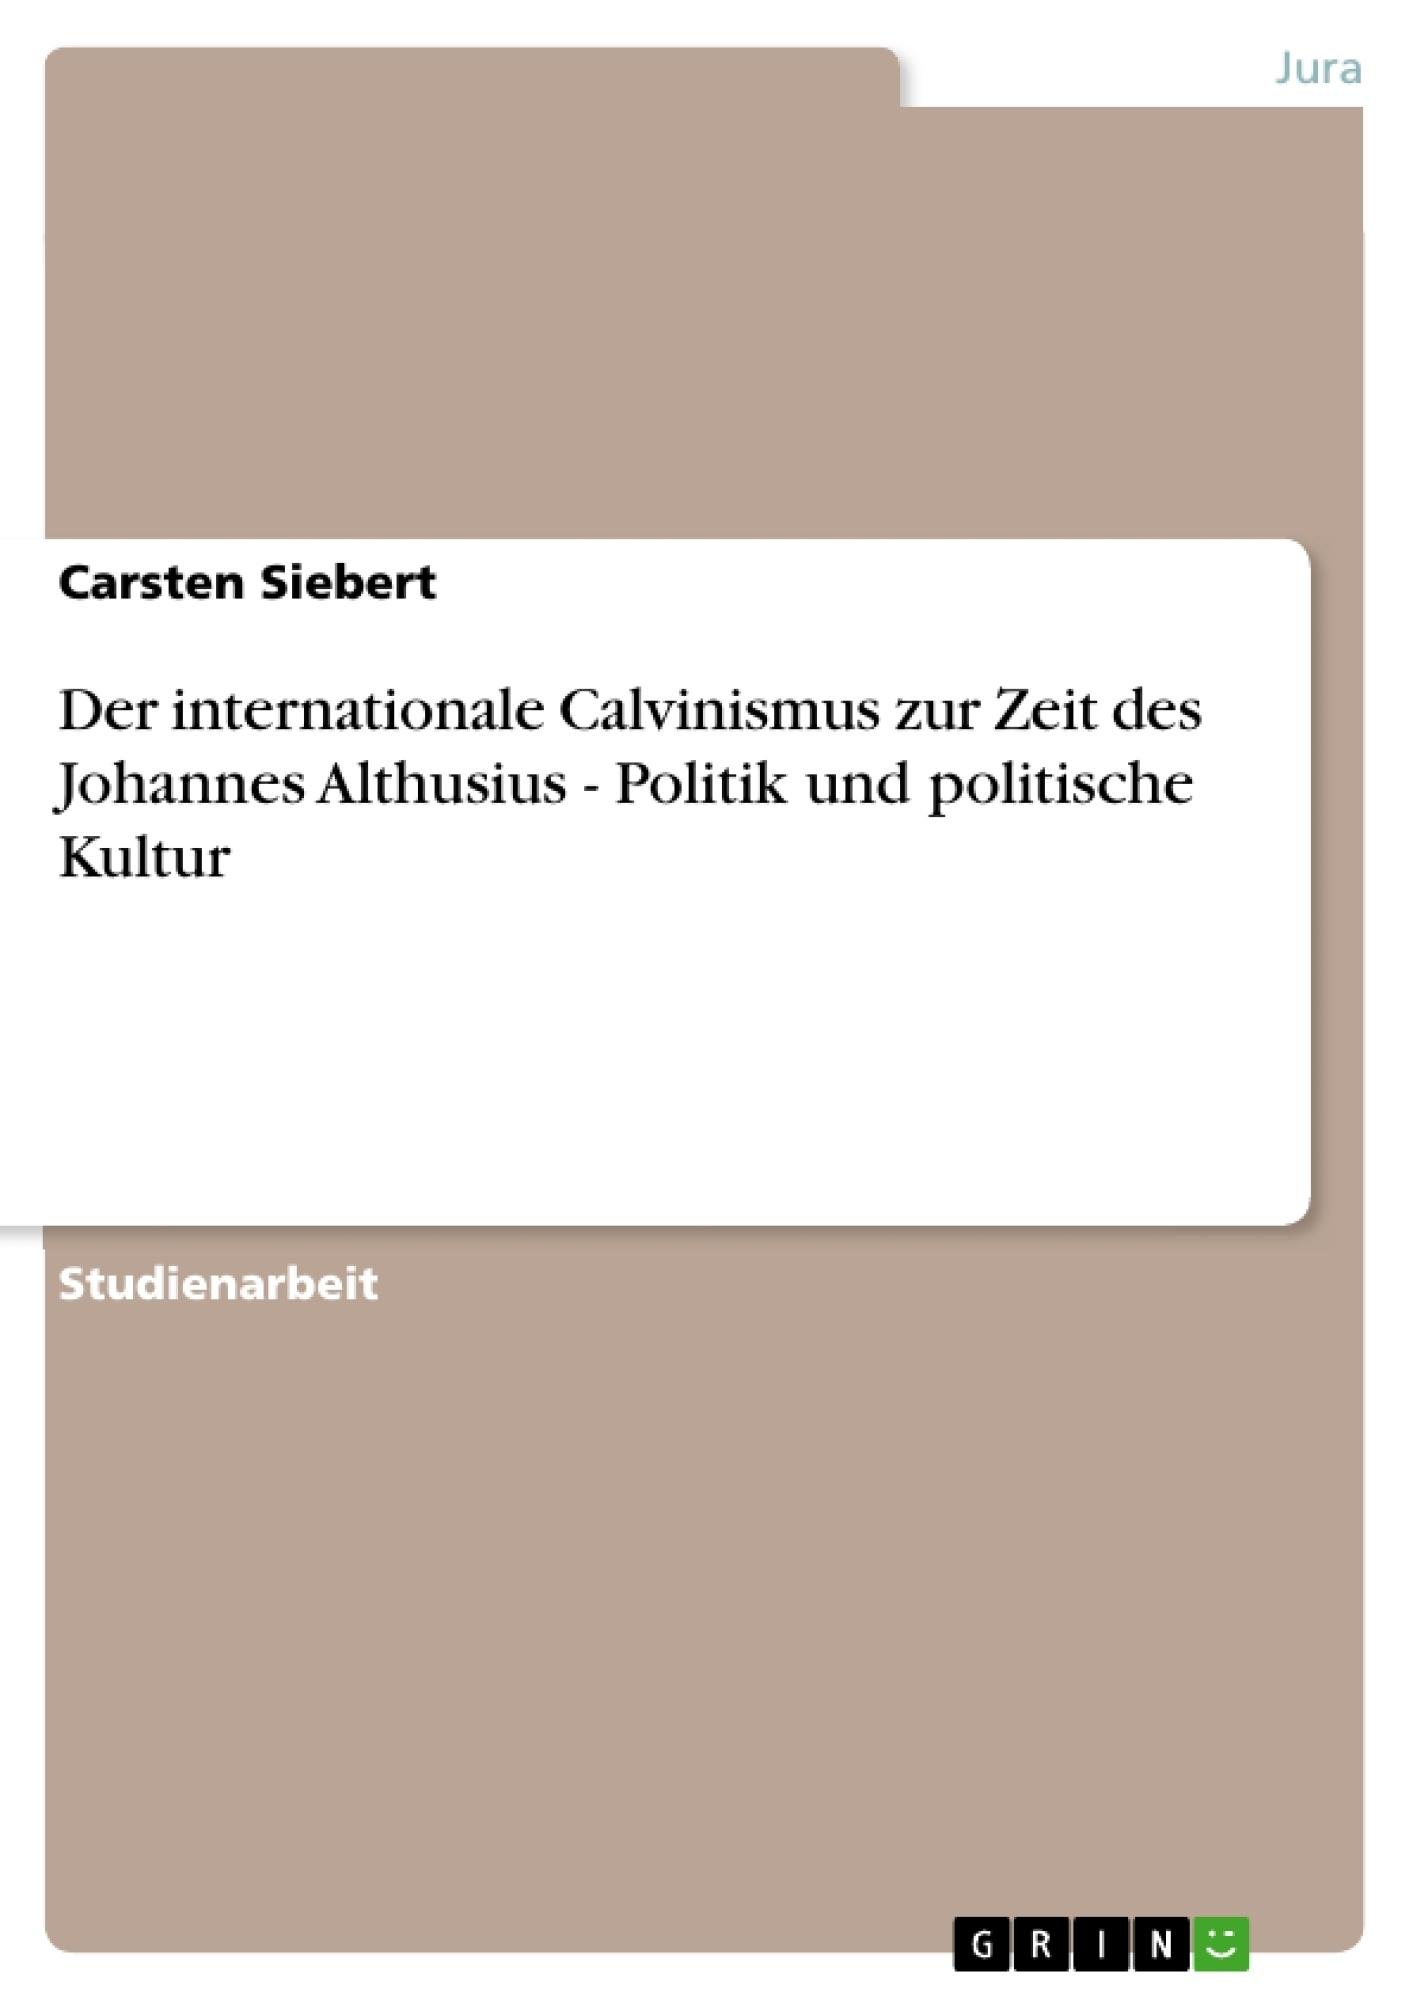 Titel: Der internationale Calvinismus zur Zeit des Johannes Althusius - Politik und politische Kultur